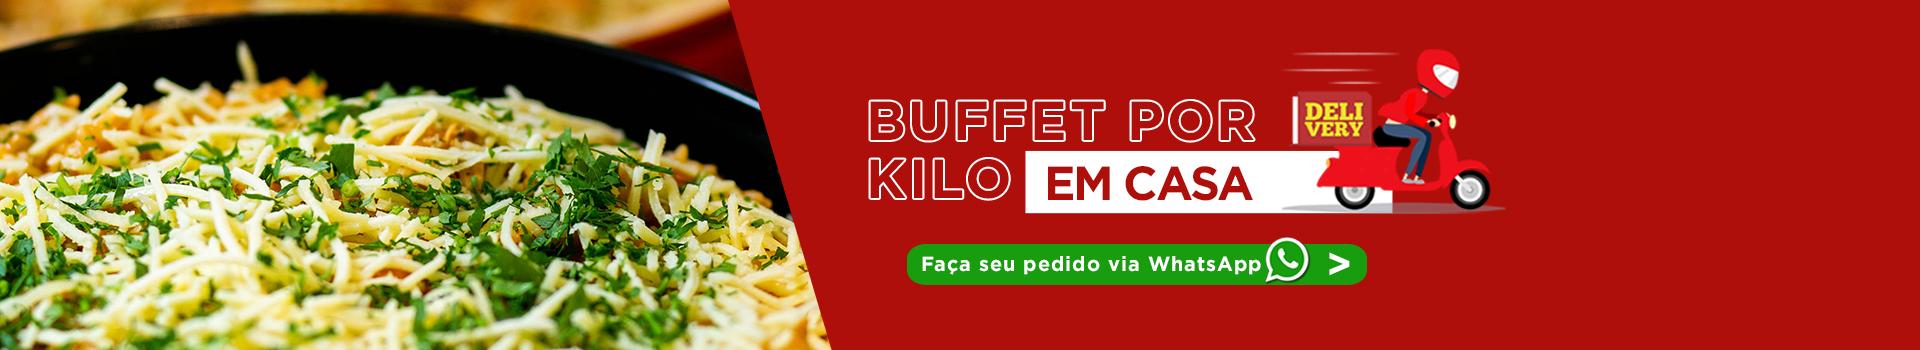 banner buffet por kilo